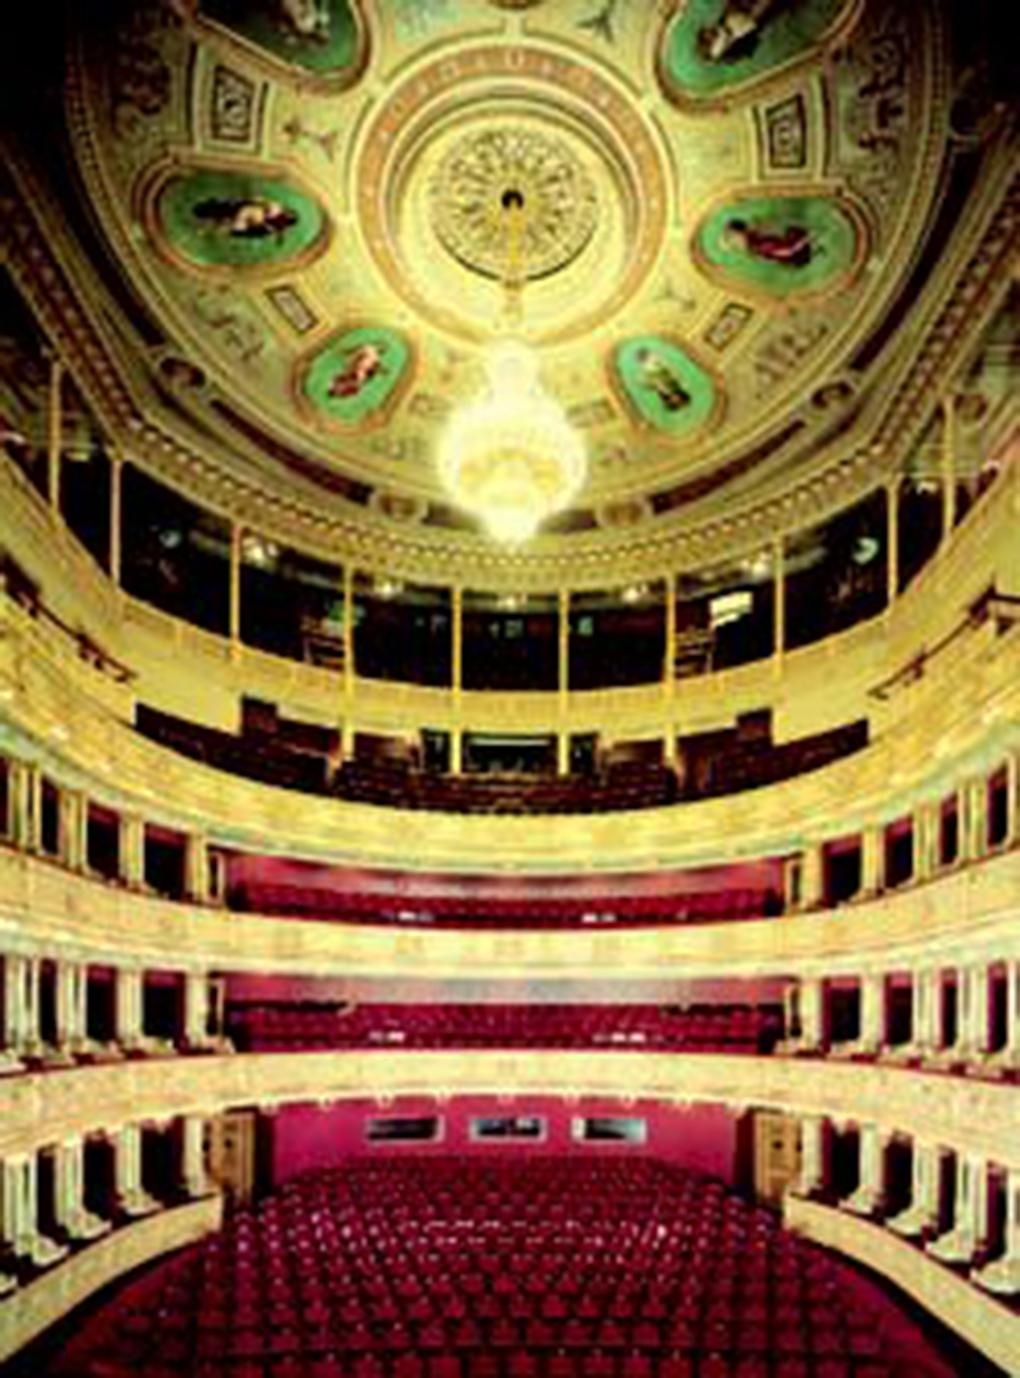 Praga, wnętrze teatru operowego, https://www.czechopera.cz/theatre-Prague_National_Theatre-history-2 – dostęp 27.02.2020